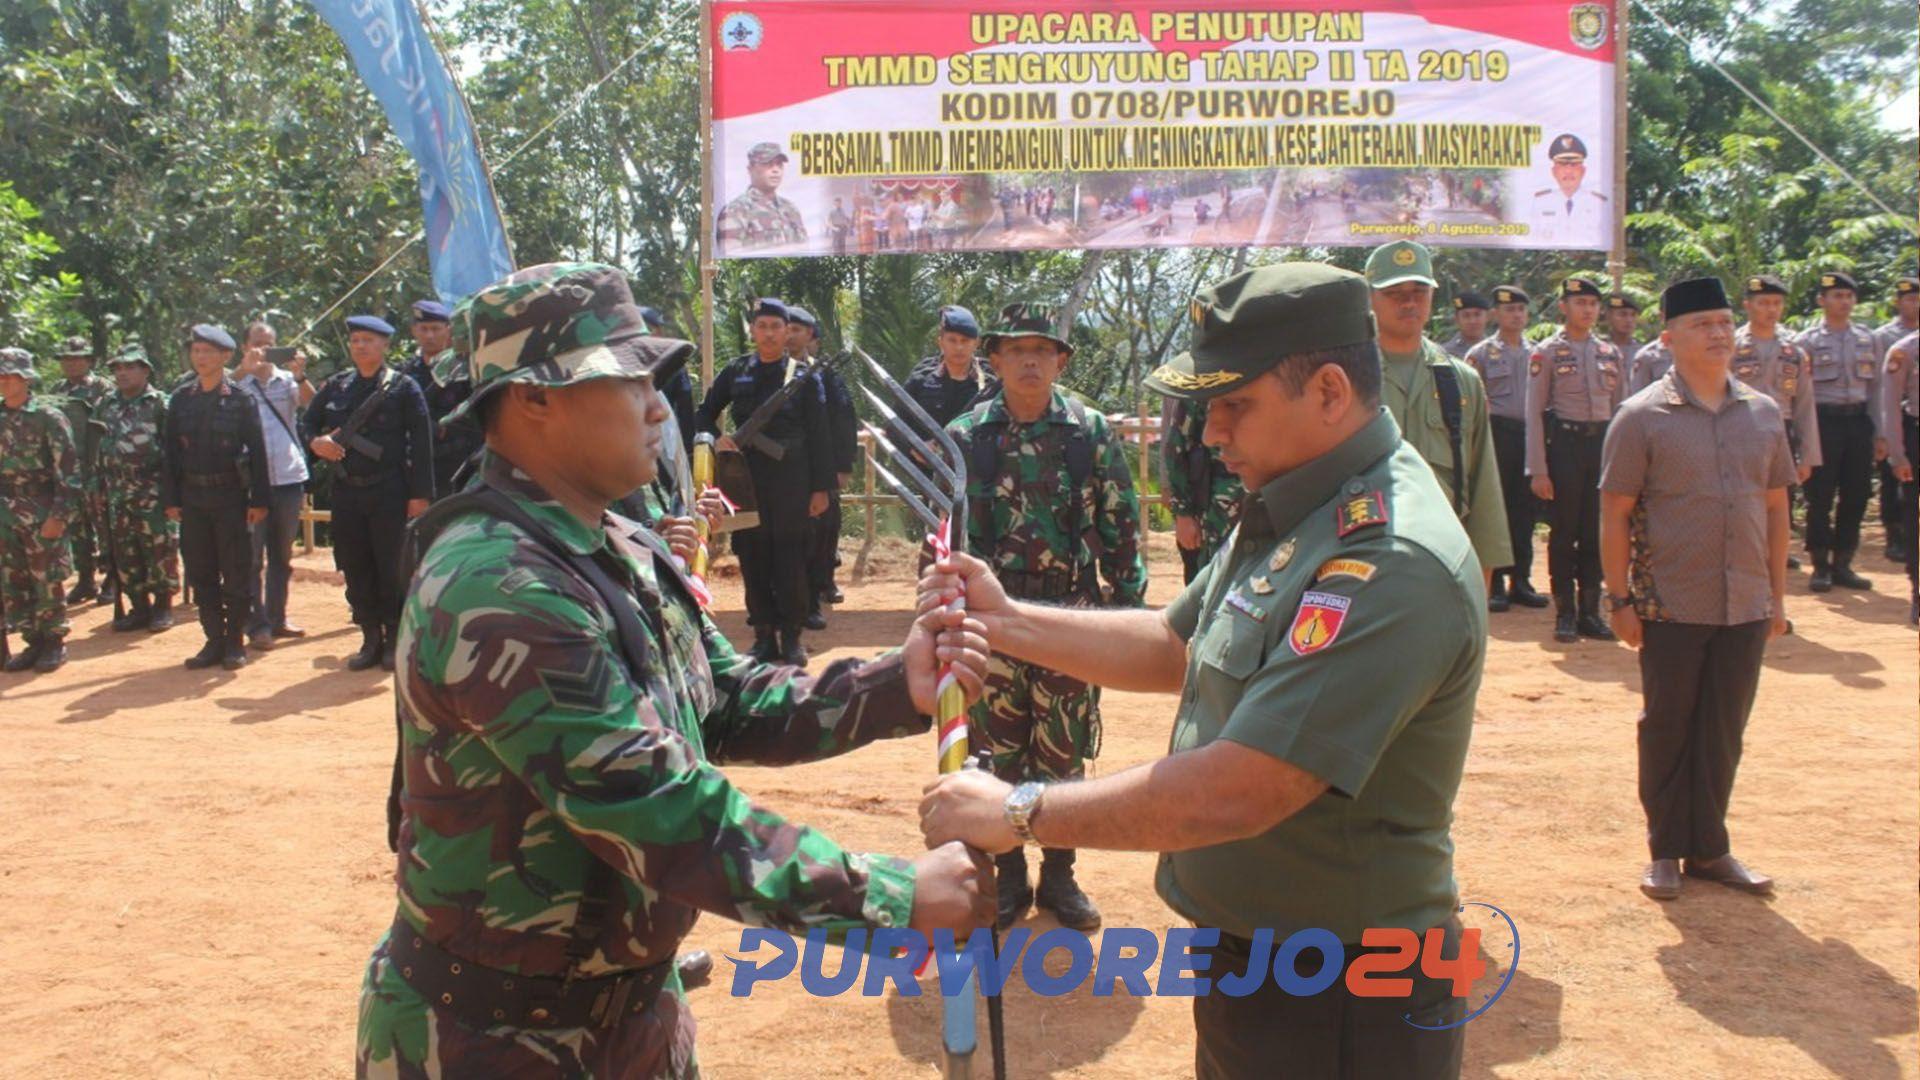 Penutupan kegiatan TMMD Sengkuyung Tahap II Tahun 2019 di desa Sukowuwuh, Purworejo Jawa Tengah. (8/8/2019)